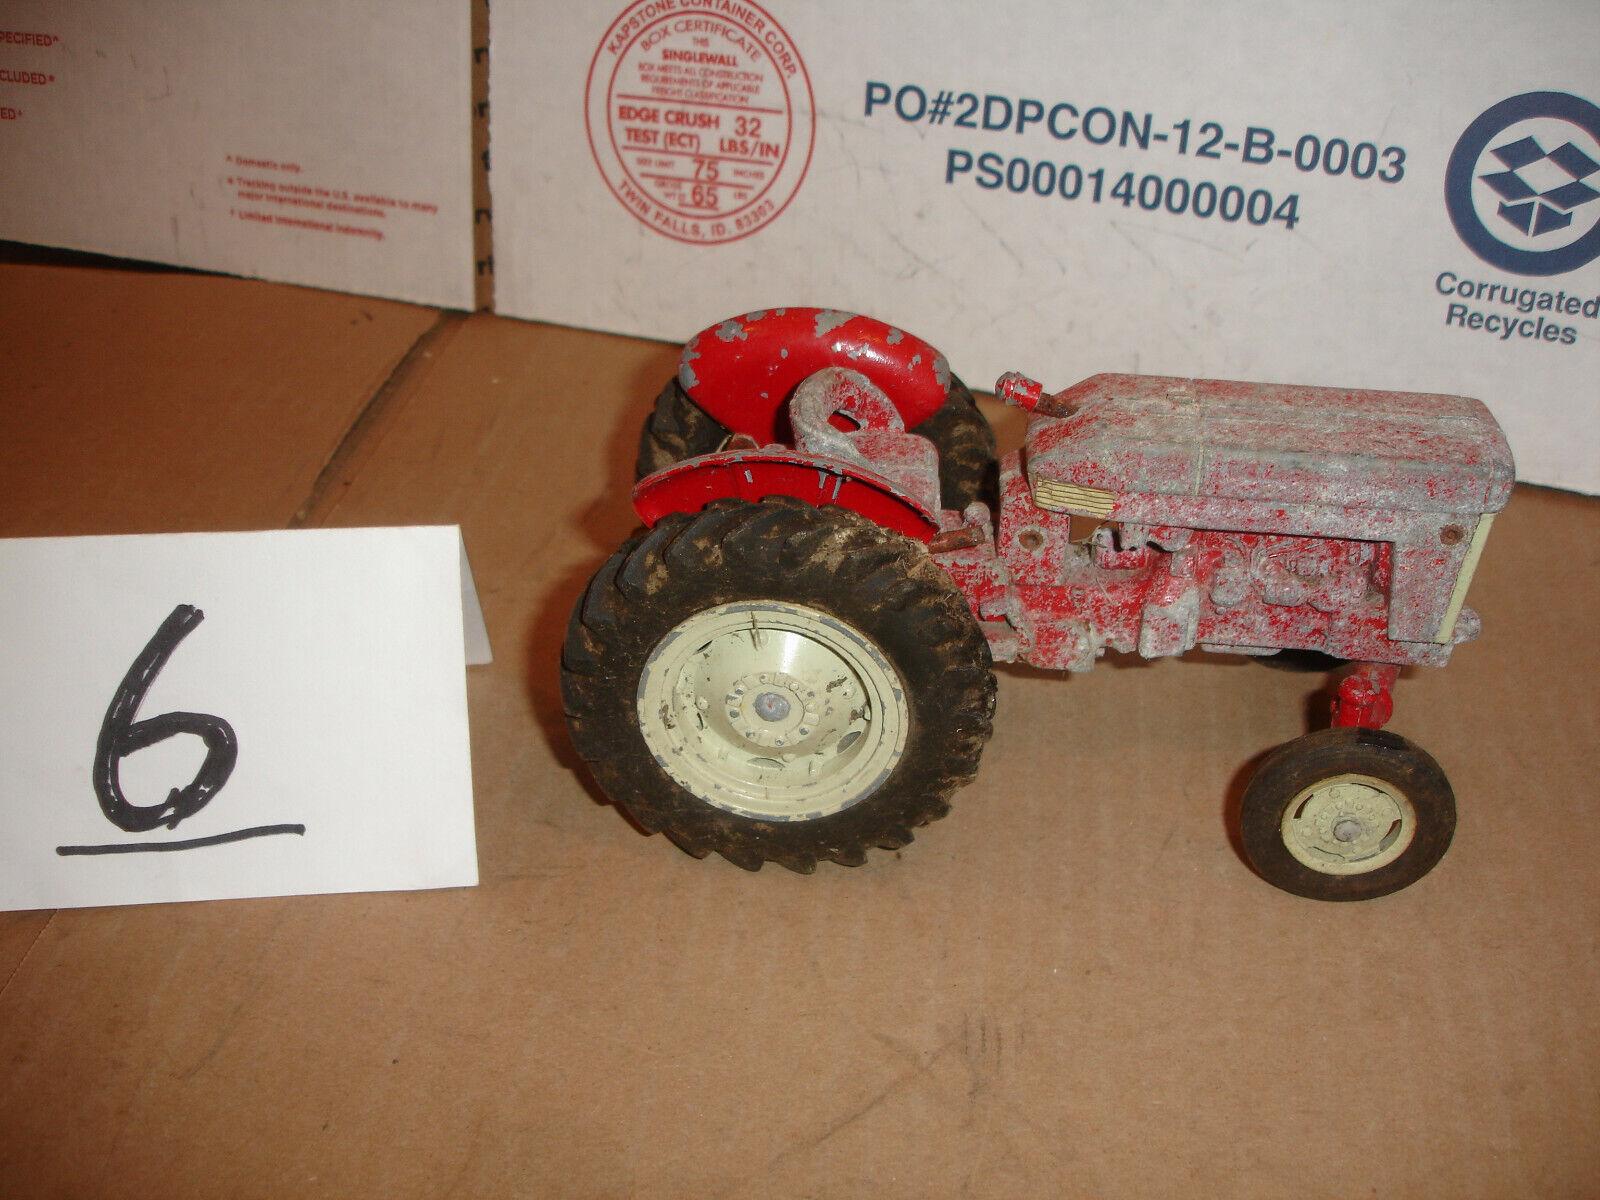 esclusivo 1 16 international international international 240 340 giocattolo tractor  alta qualità